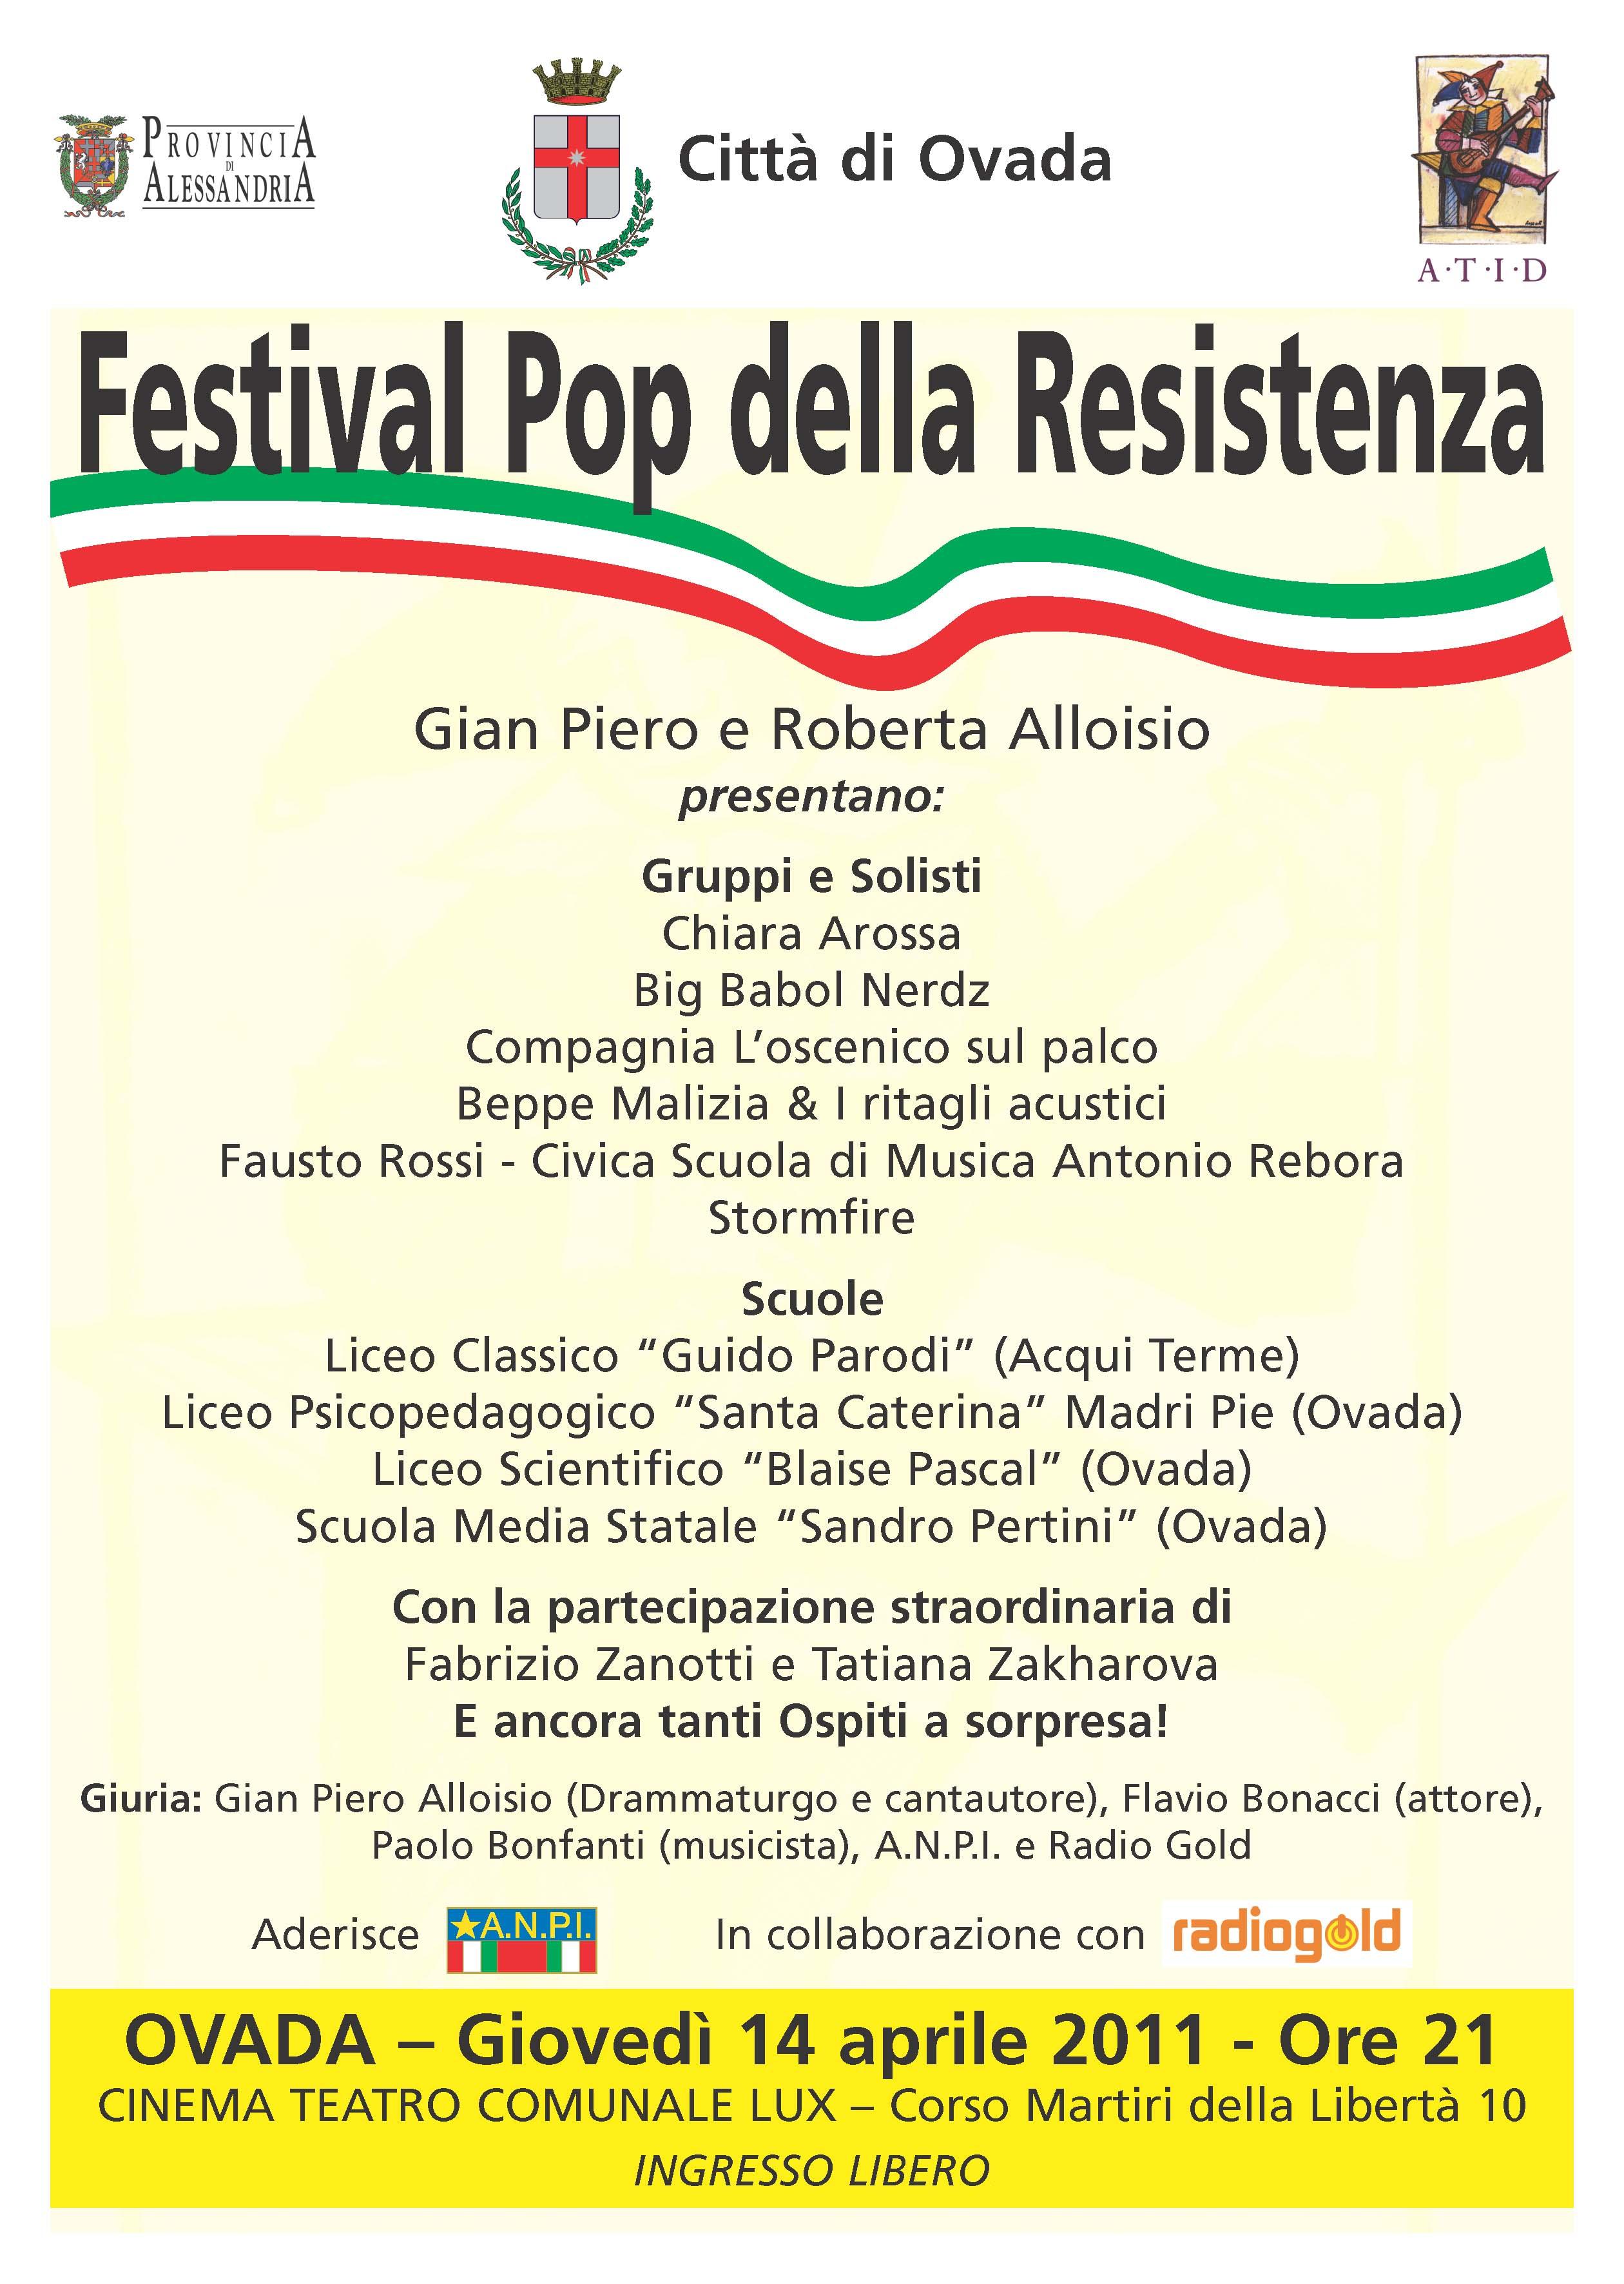 Festival Pop della Resistenza - Ovada 2011